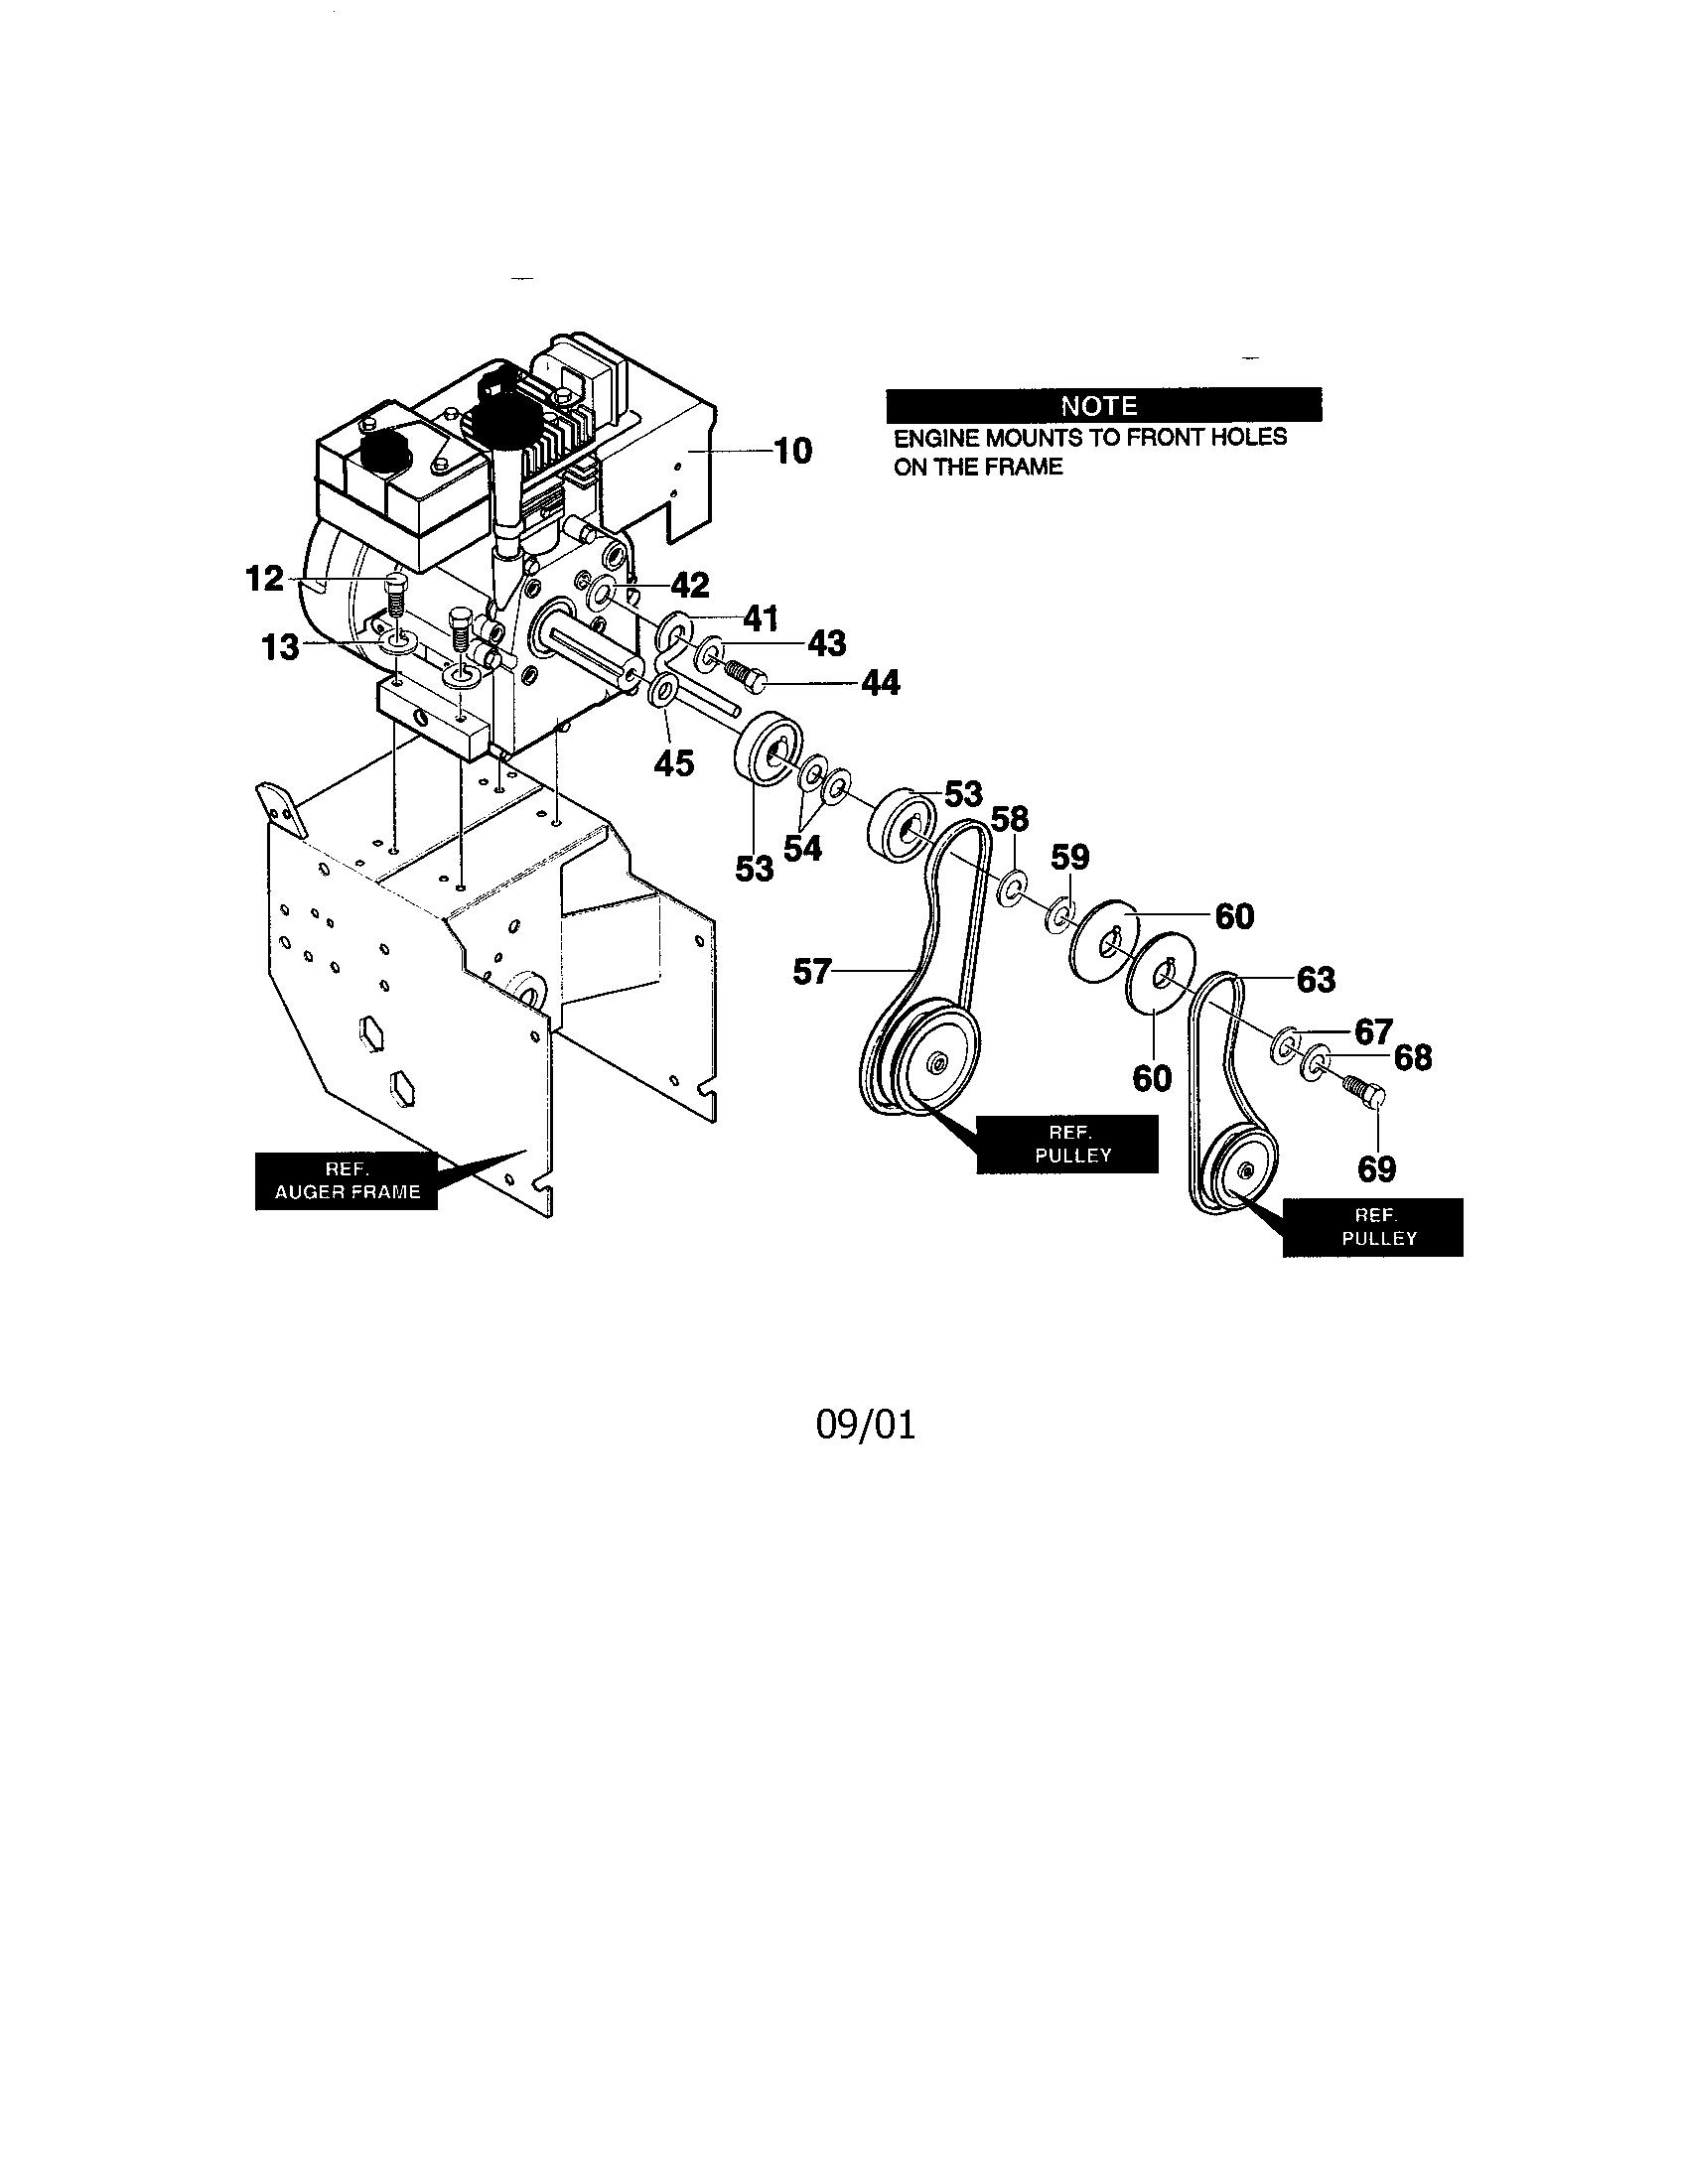 ENGINE Diagram & Parts List for Model C950529300 Craftsman